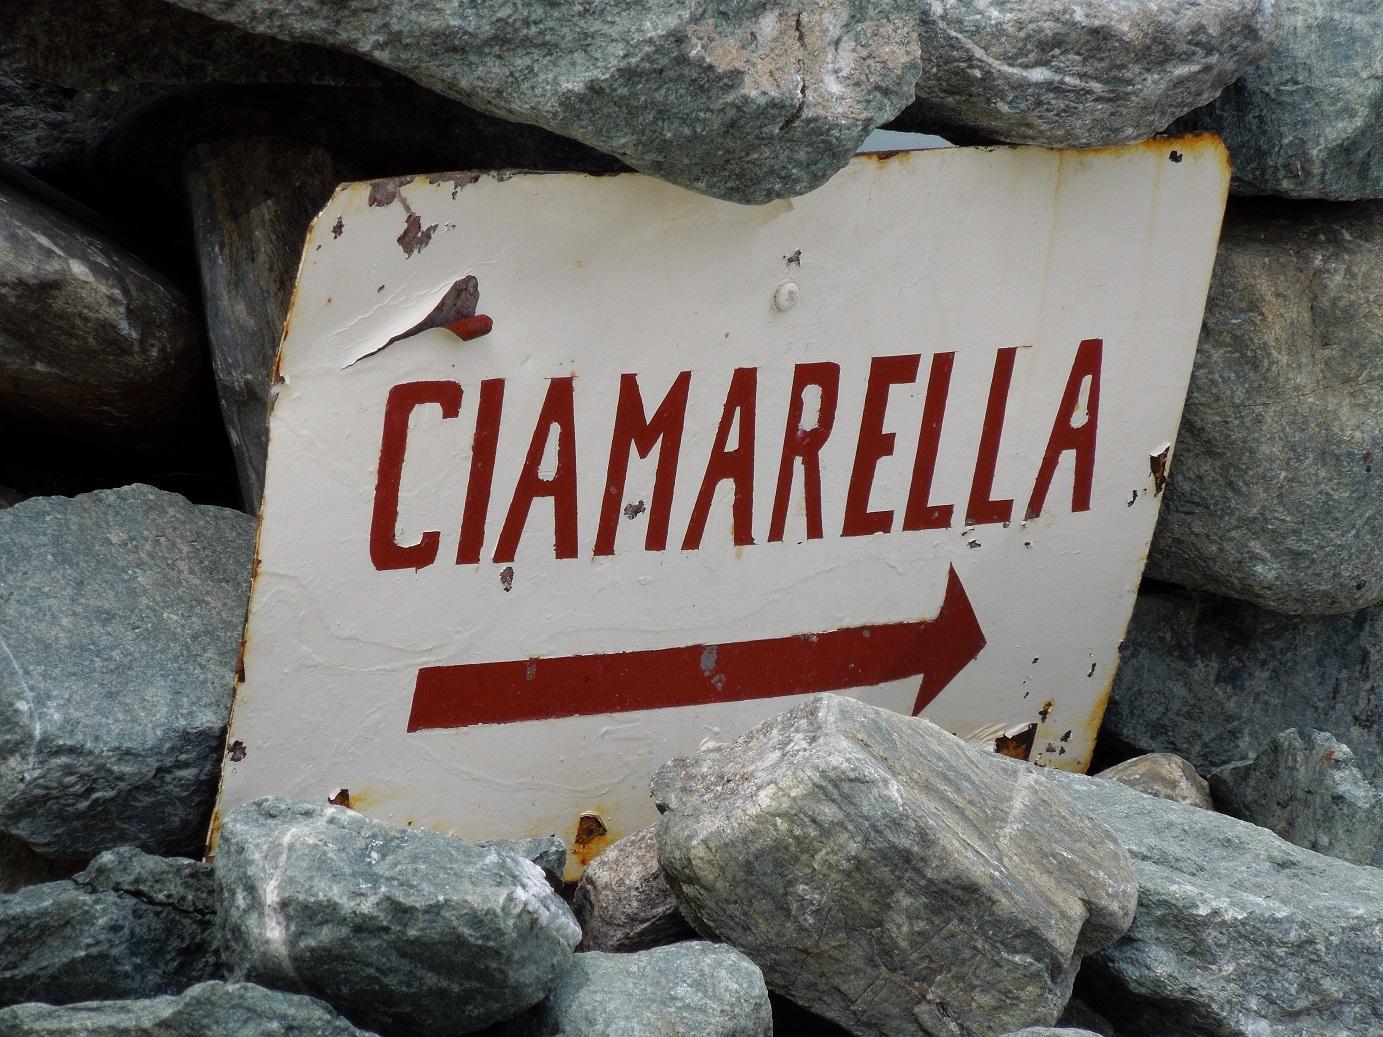 Ciamarella